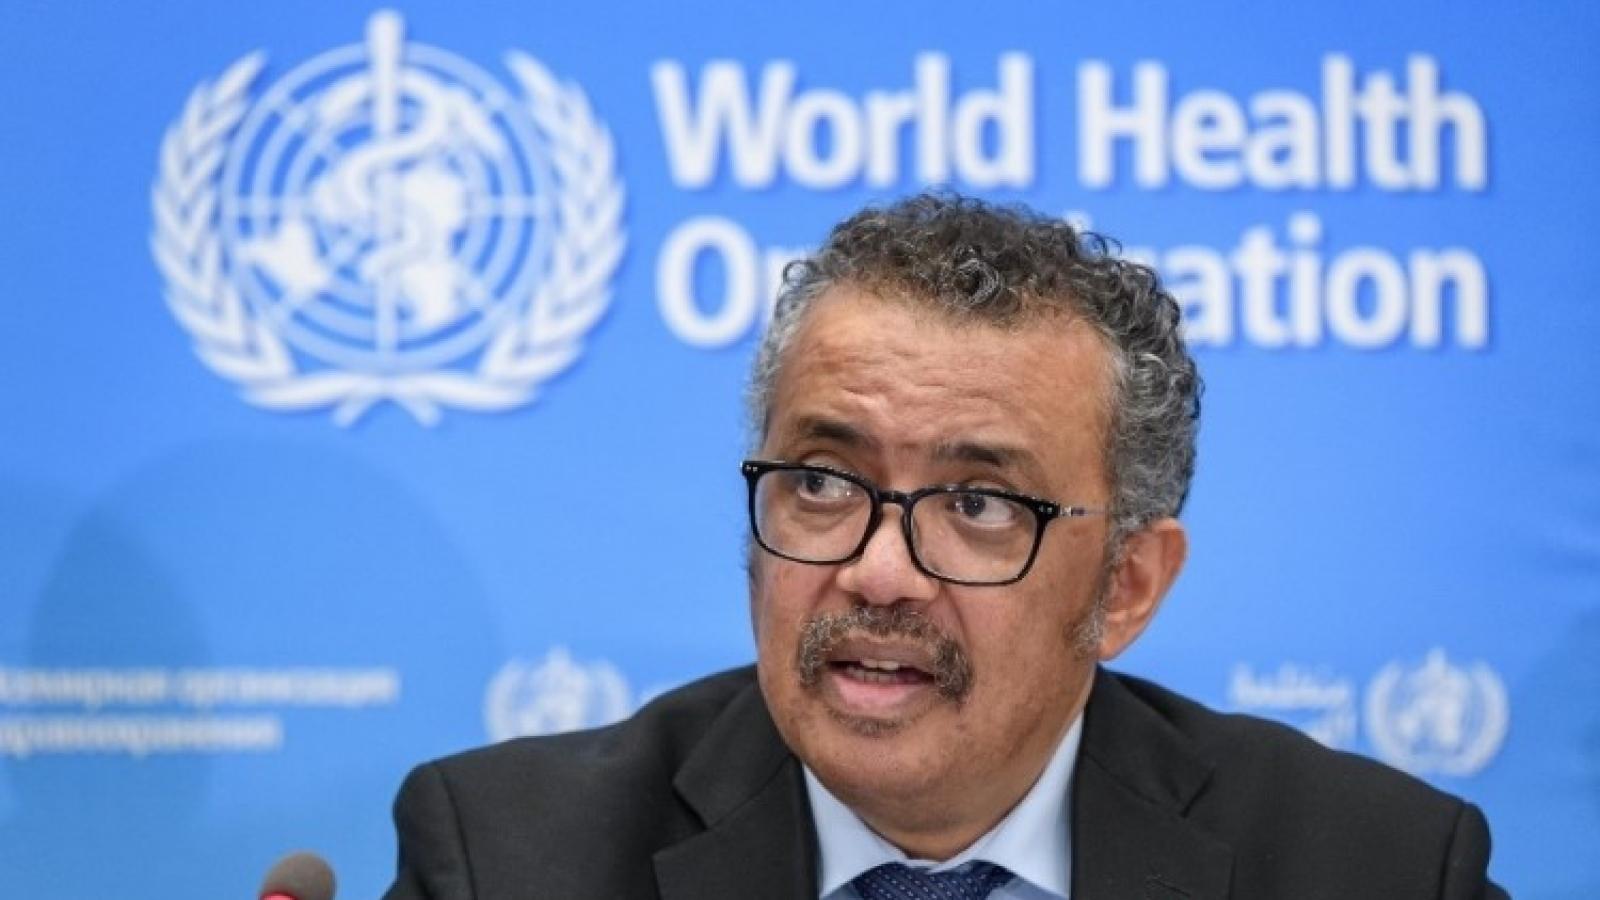 Bộ trưởng Y tế Đức kêu gọi WHO xem lại cách xử lý đại dịch Covid-19